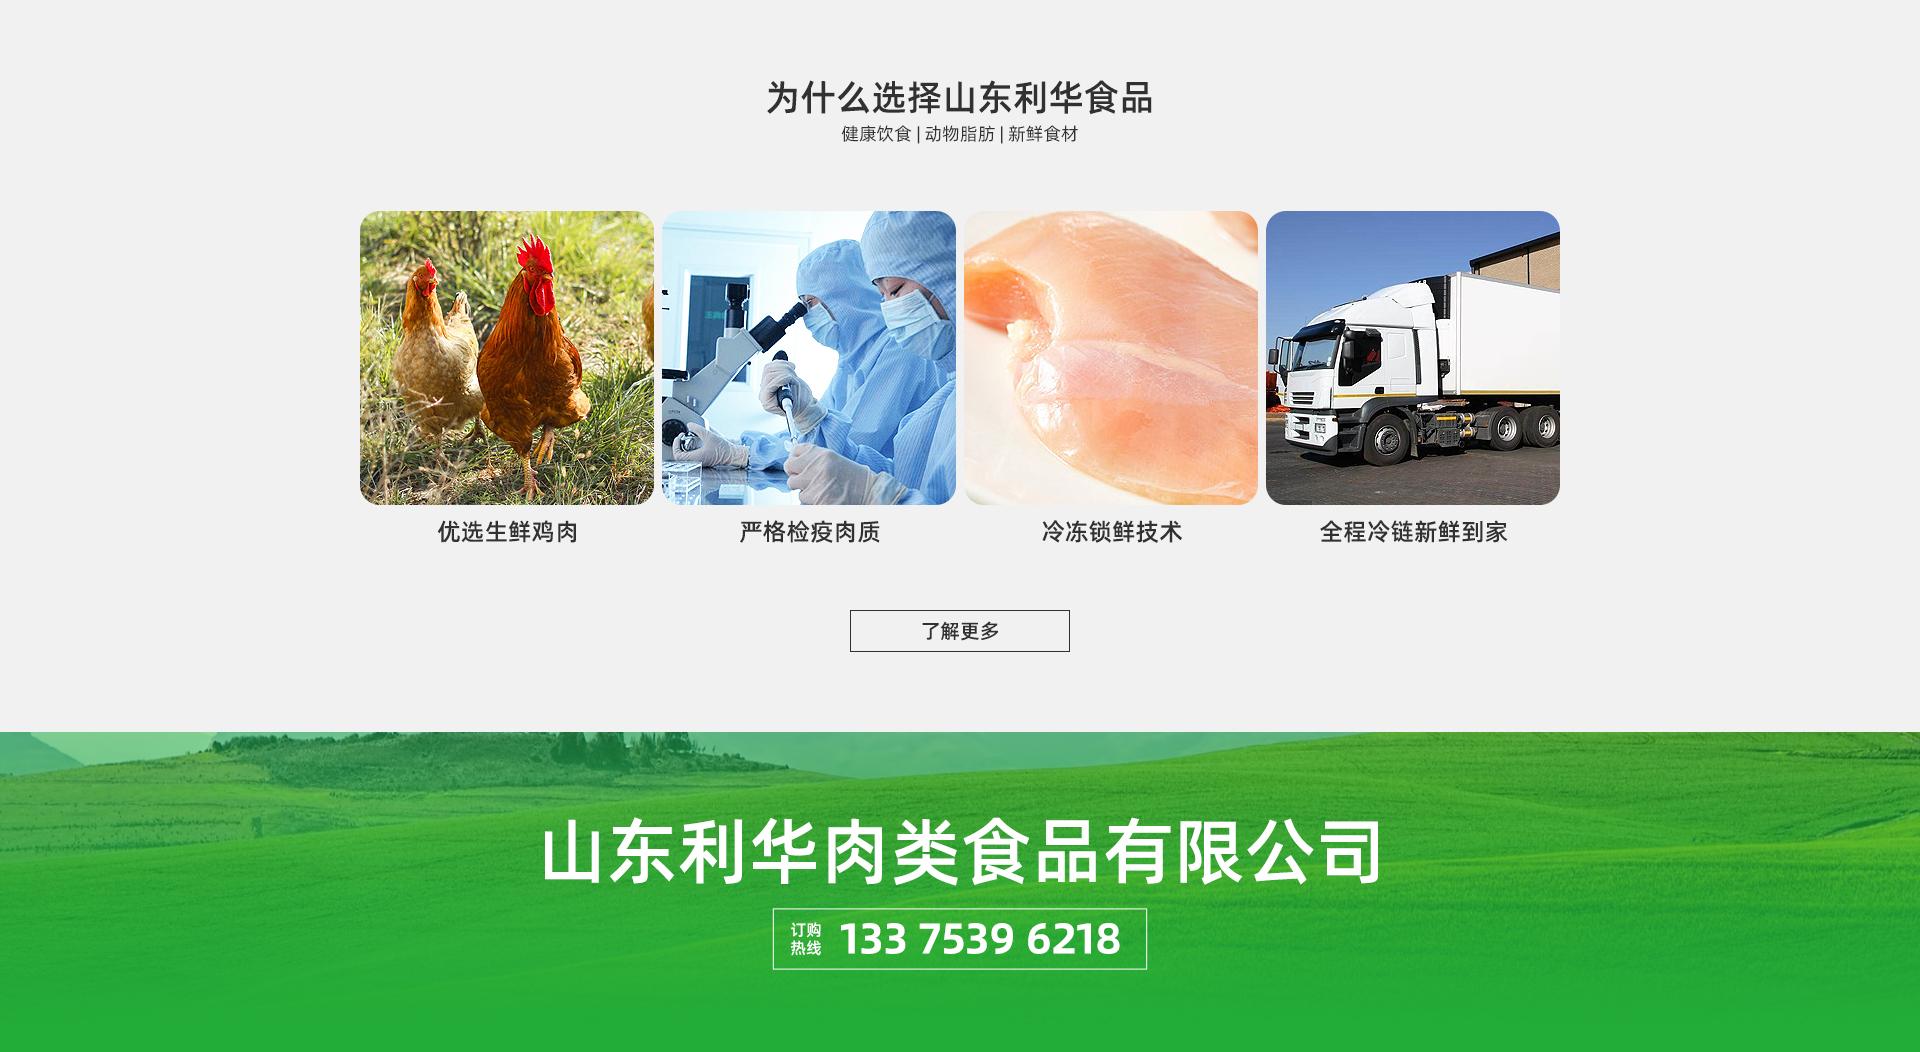 肉鸡分割,肉鸡分割厂家,临沂肉鸡分割批发